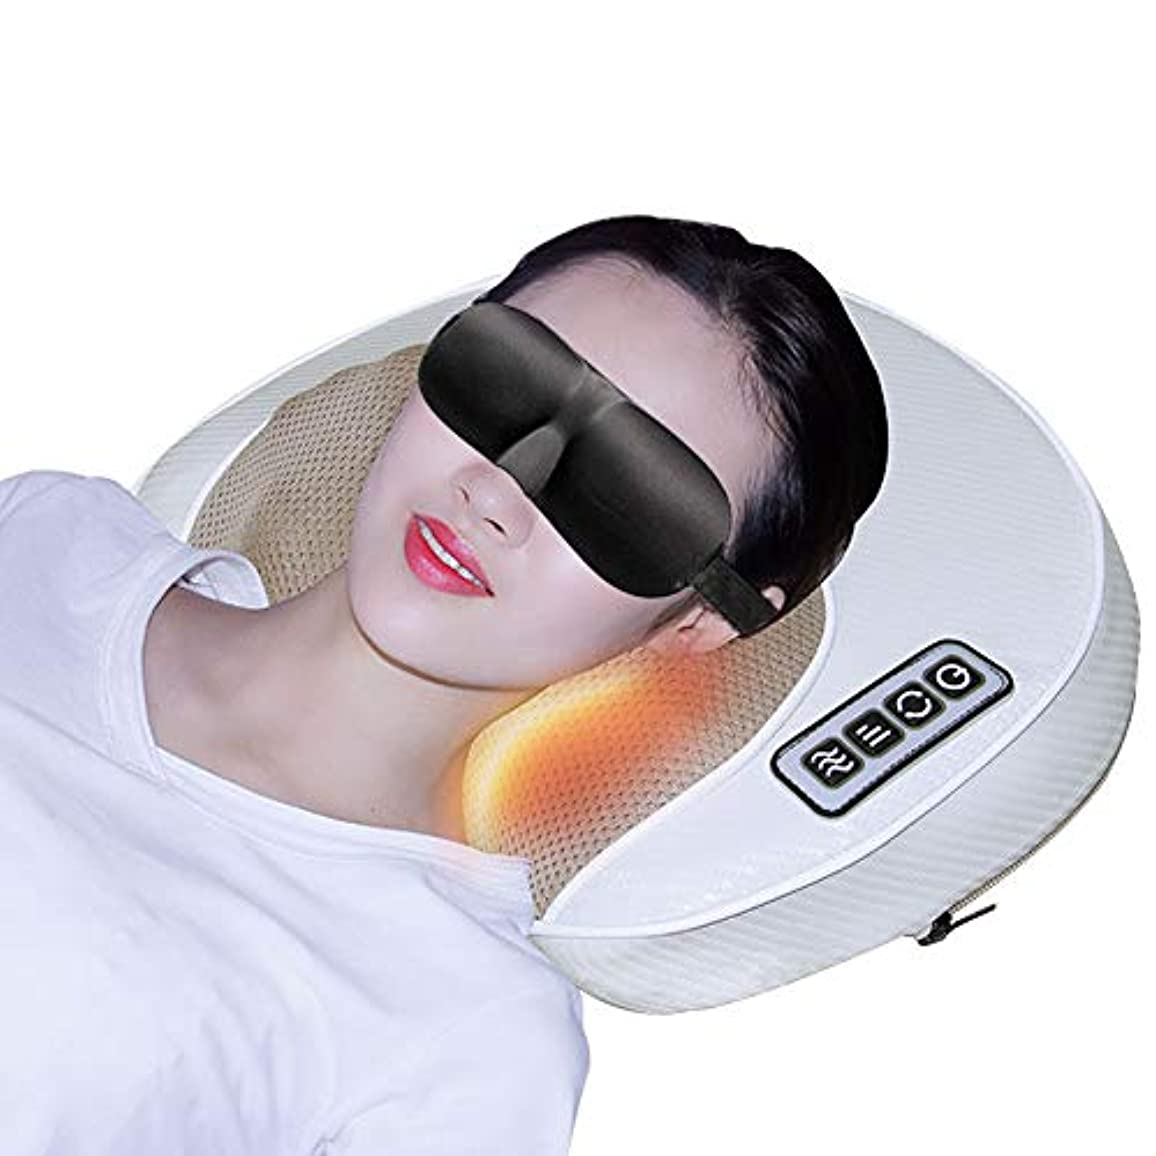 おっとフェデレーション裏切りRanBow 8D首マッサージピロー 首/肩/背中/お腹/腰/太もも/ふくらはぎ/足裏 マッサージャー マッサージ クッション 枕 赤外温熱療法 16個の揉み玉 3階段のレベル 15分オートオフタイマー 3Dアイマスク付...